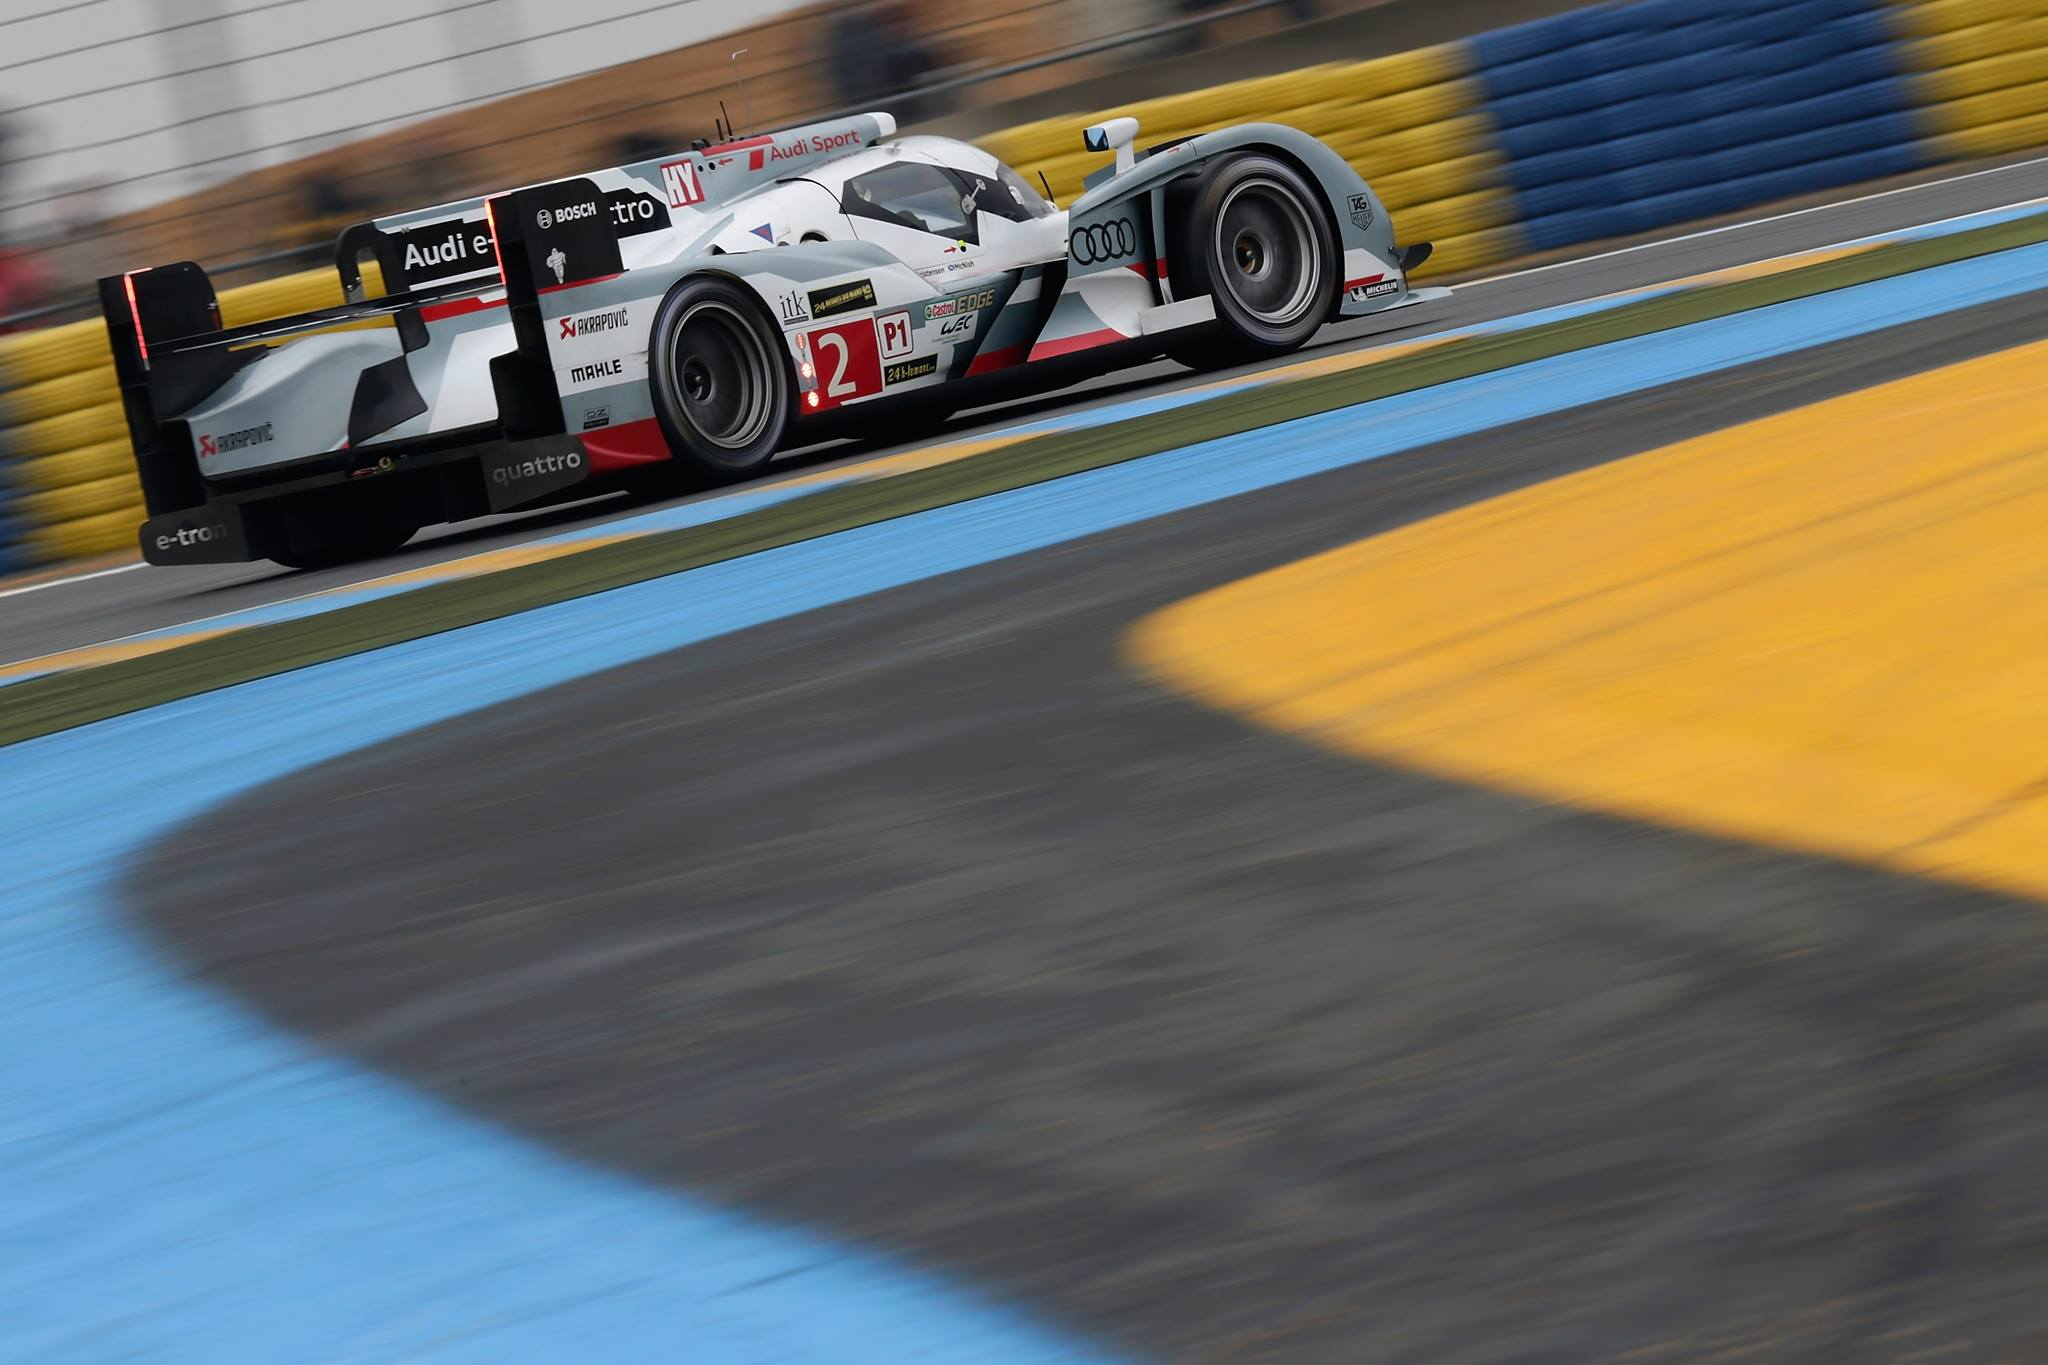 La temporada se iniciará con los tests oficiales en Paul Ricard, Francia, habitual escenario de pruebas...